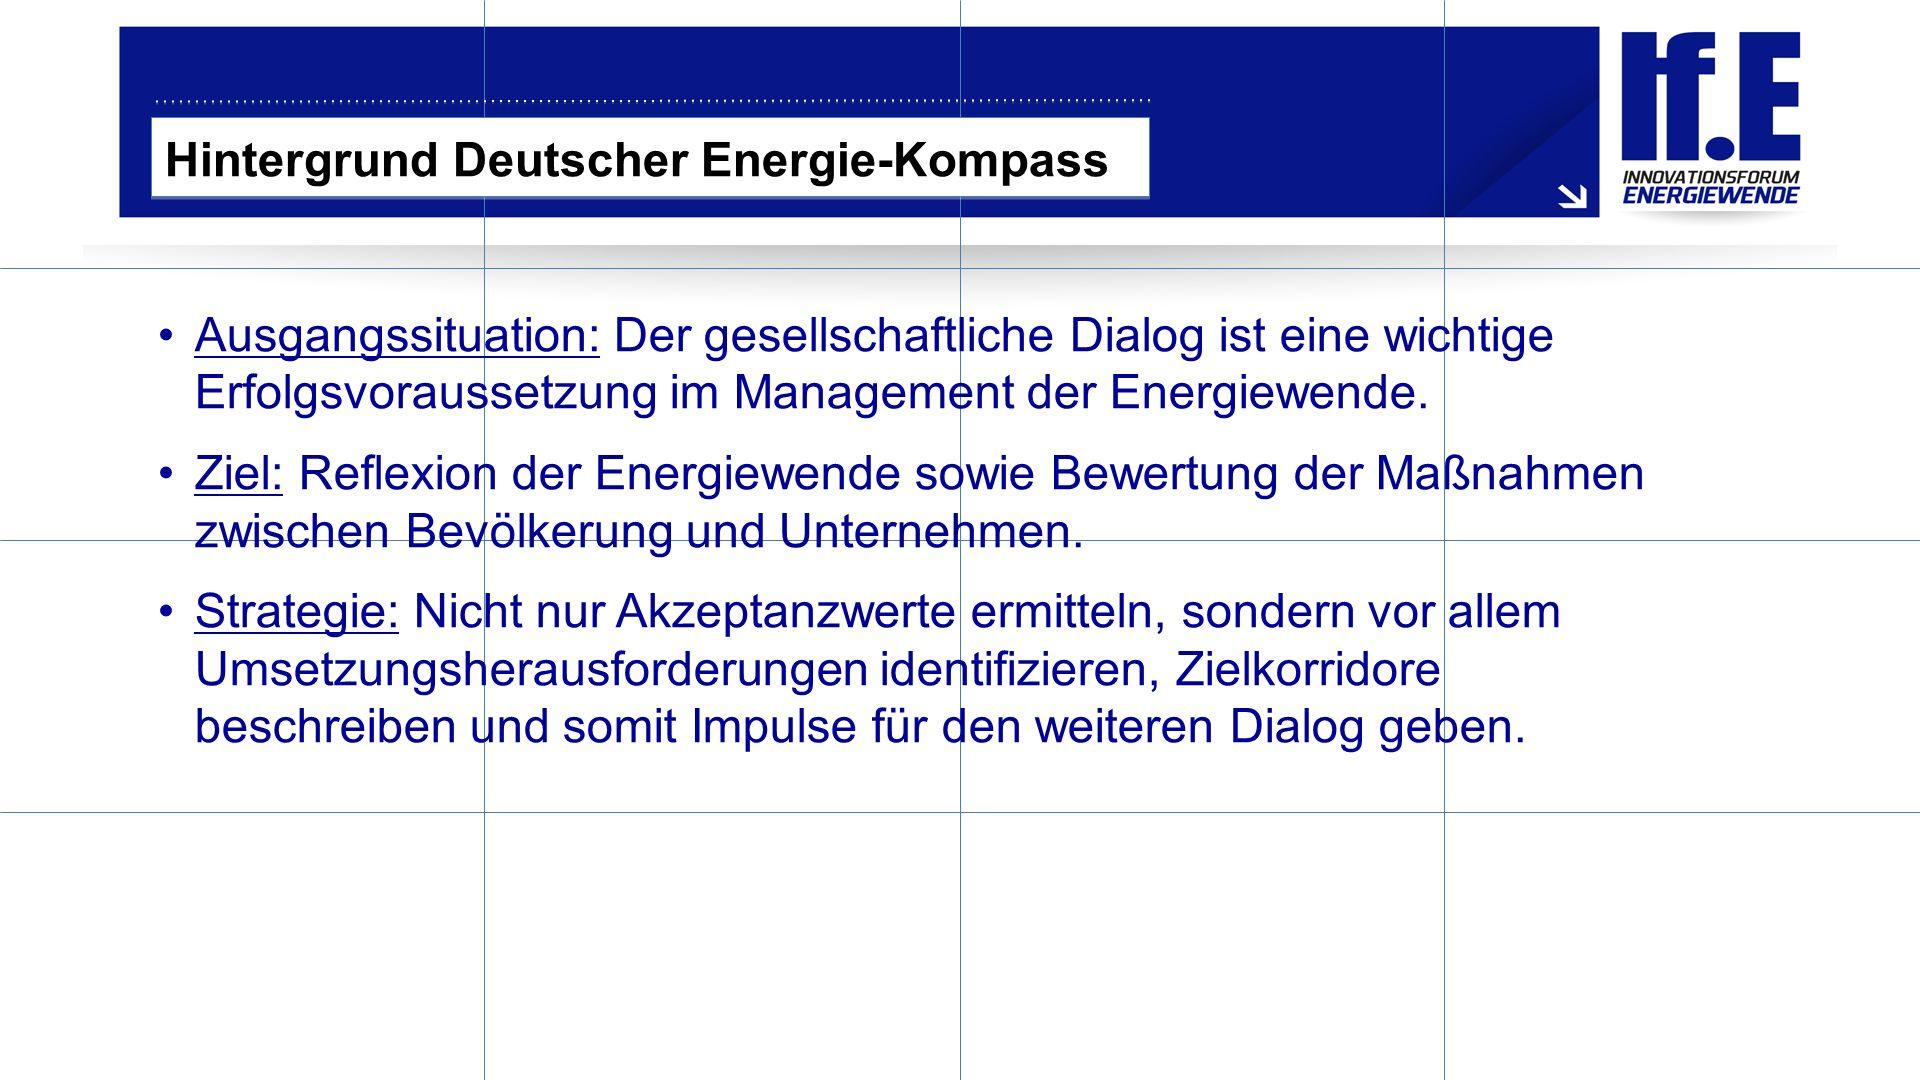 Ausgangssituation: Der gesellschaftliche Dialog ist eine wichtige Erfolgsvoraussetzung im Management der Energiewende.